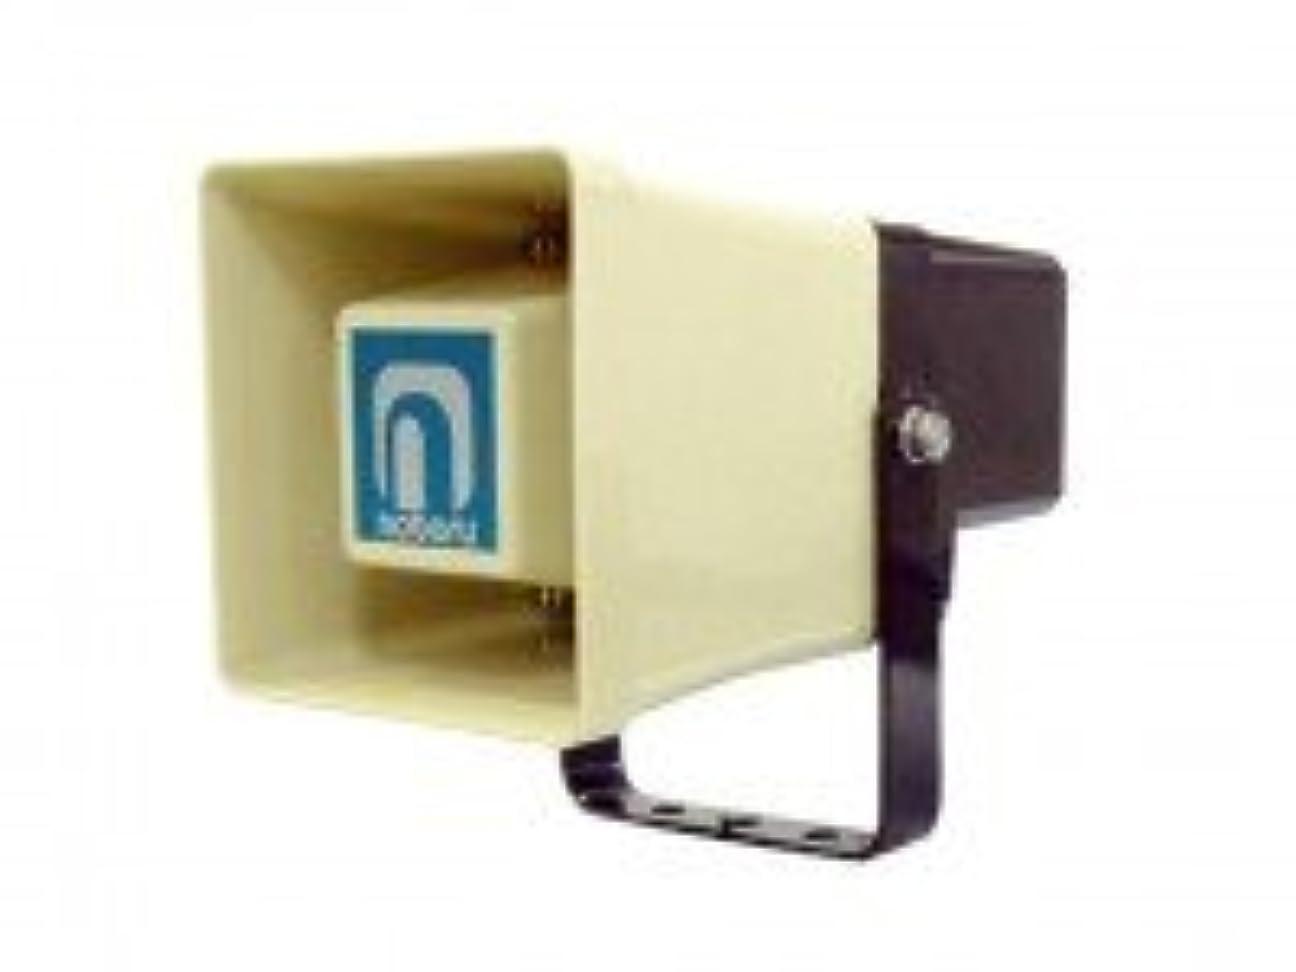 ミサイル練る汚すBOOMBOTIX(ブームボティックス) REX 充電式Bluetoothスピーカー ハンズフリー機能付 ブラック